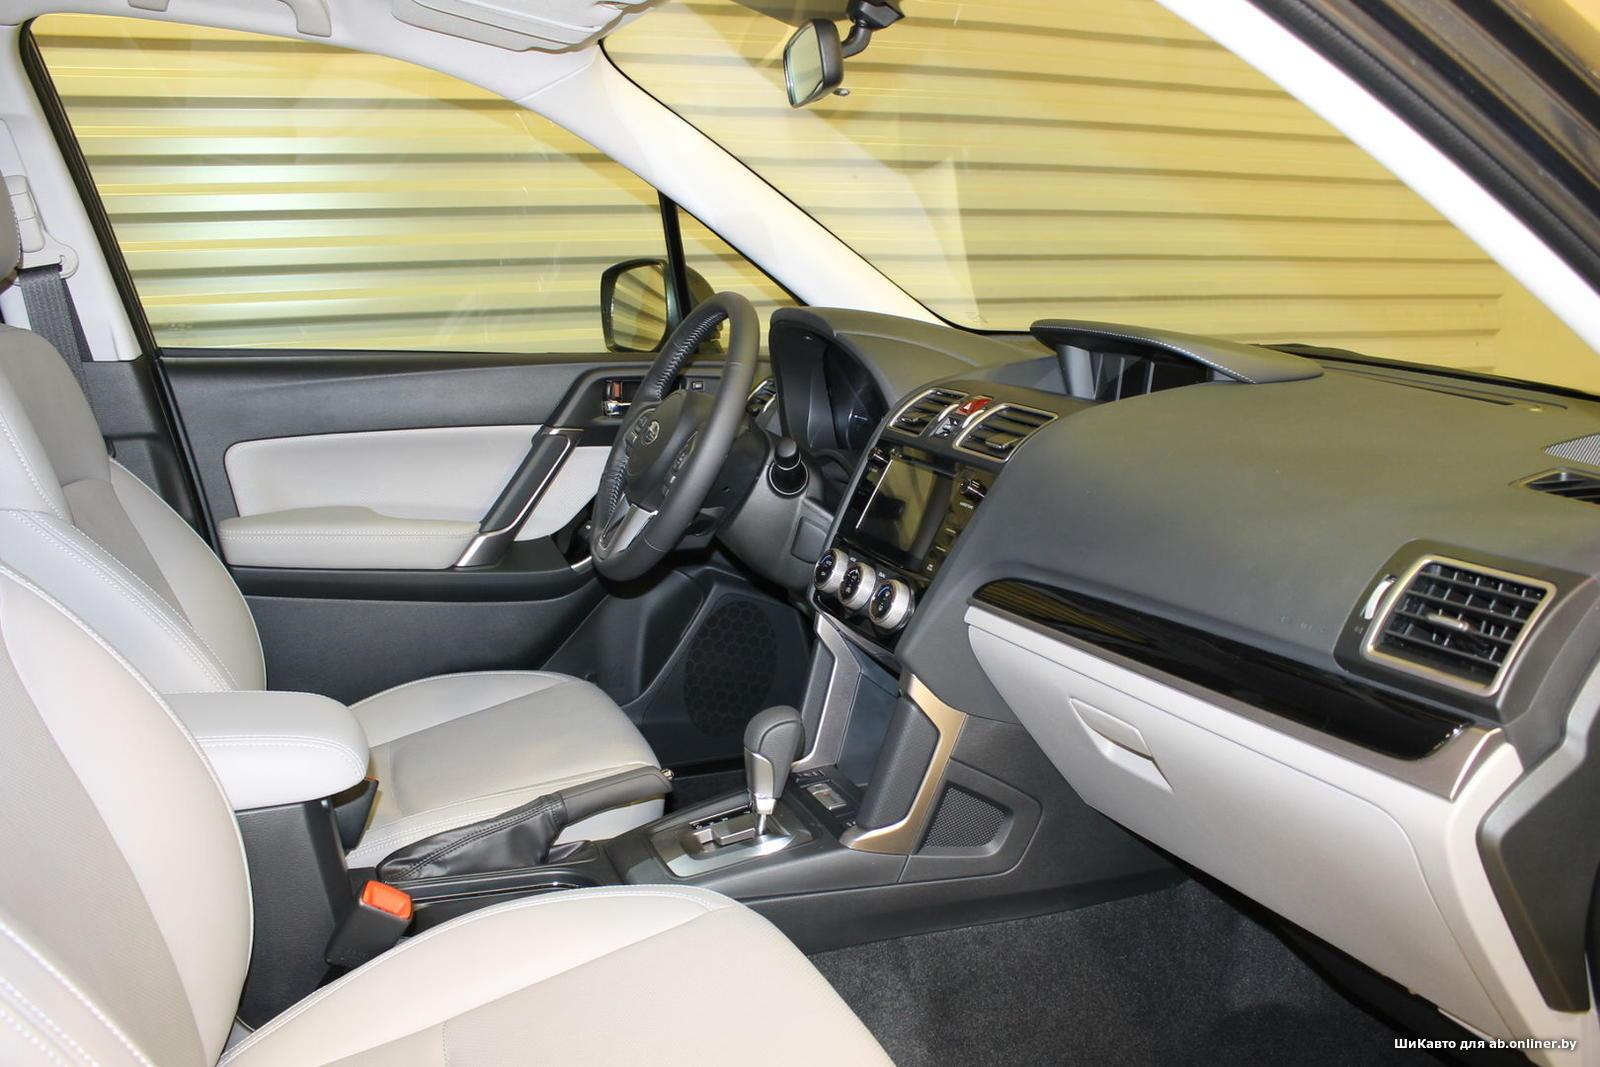 Subaru Forester 2.5i-L ELEGANCE (CS)